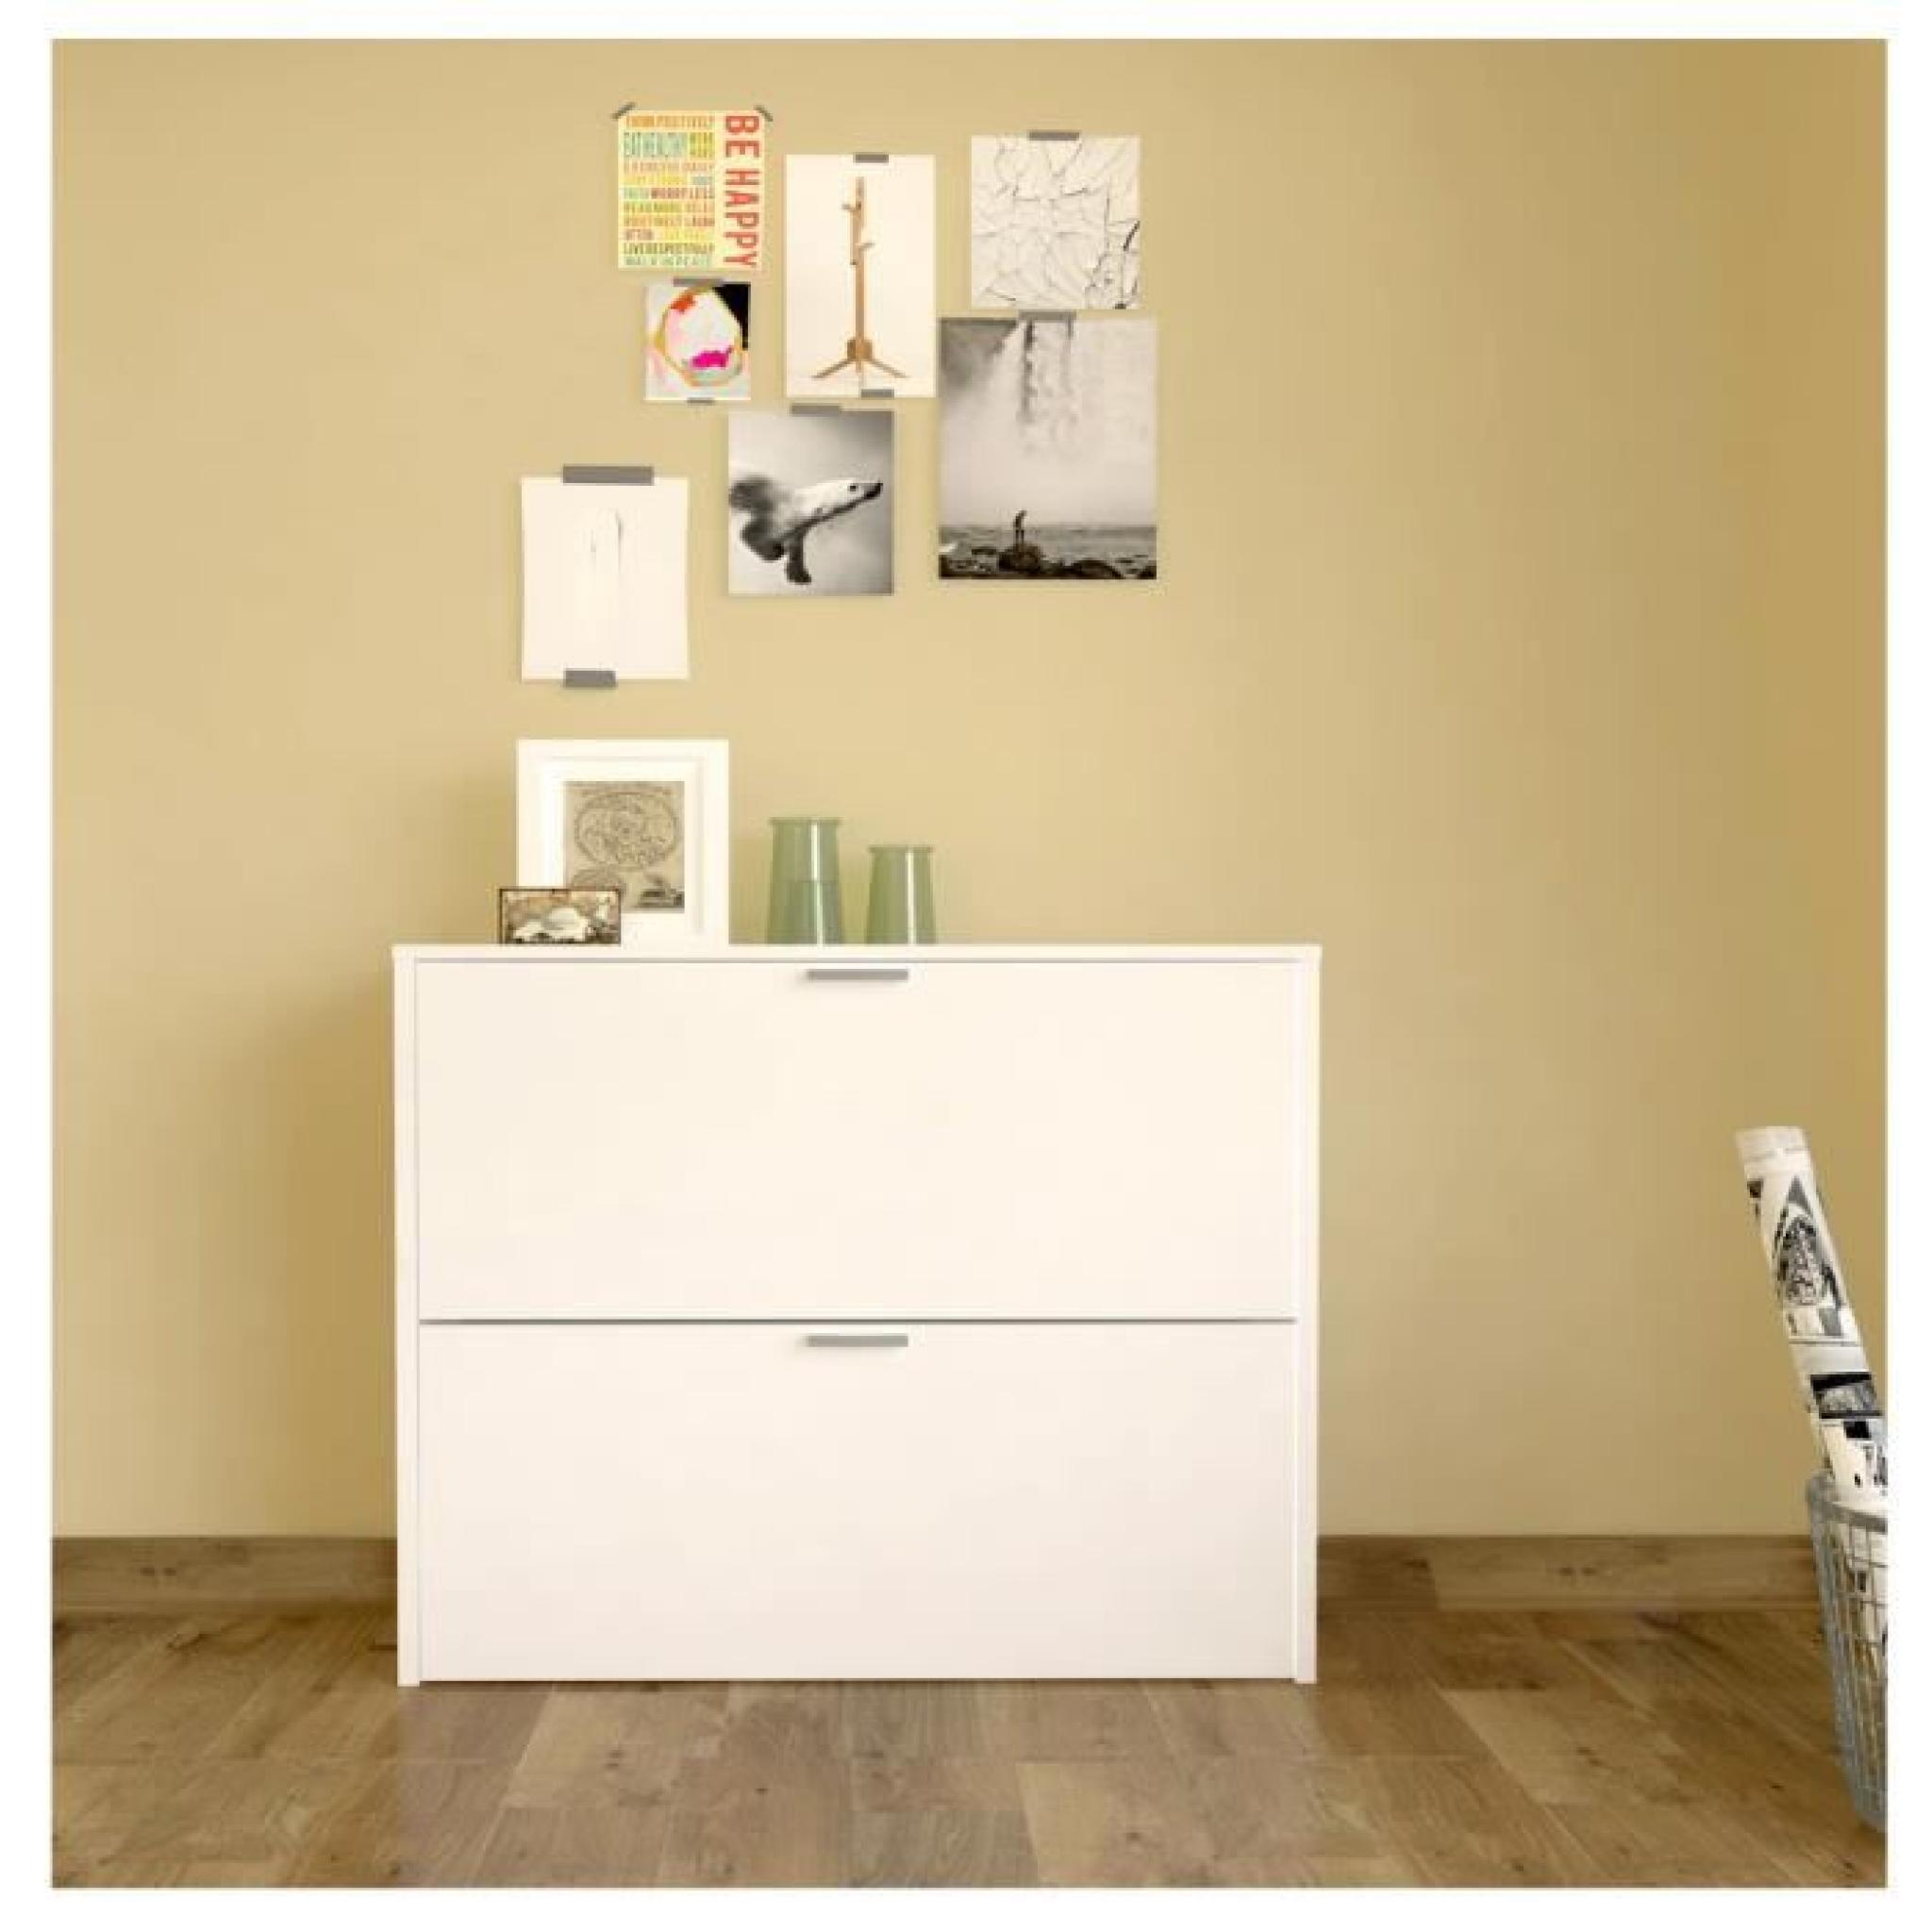 kim meuble chaussures 75 cm blanc achat vente meuble chaussure pas cher couleur et. Black Bedroom Furniture Sets. Home Design Ideas